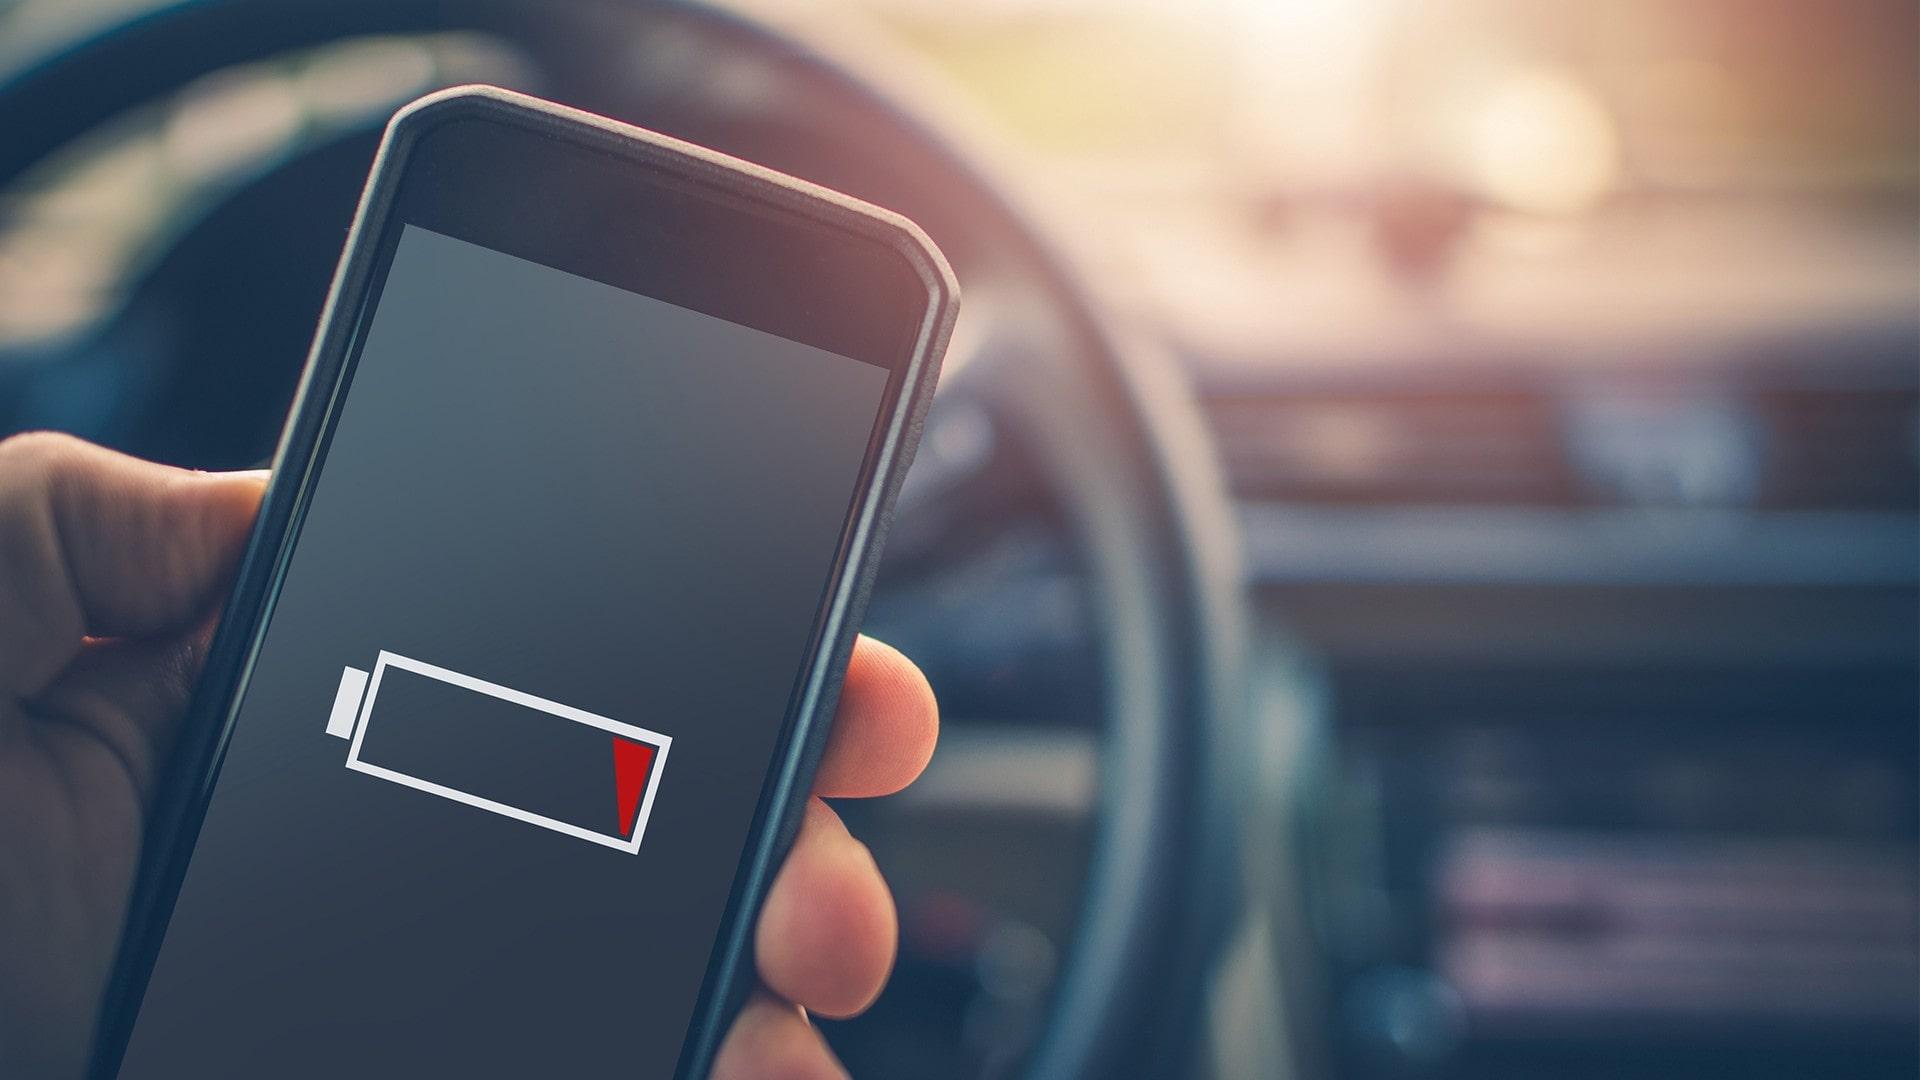 Akıllı Telefon Pili ve Şarjı ile İlgili Doğru Bilinen Yanlışlar